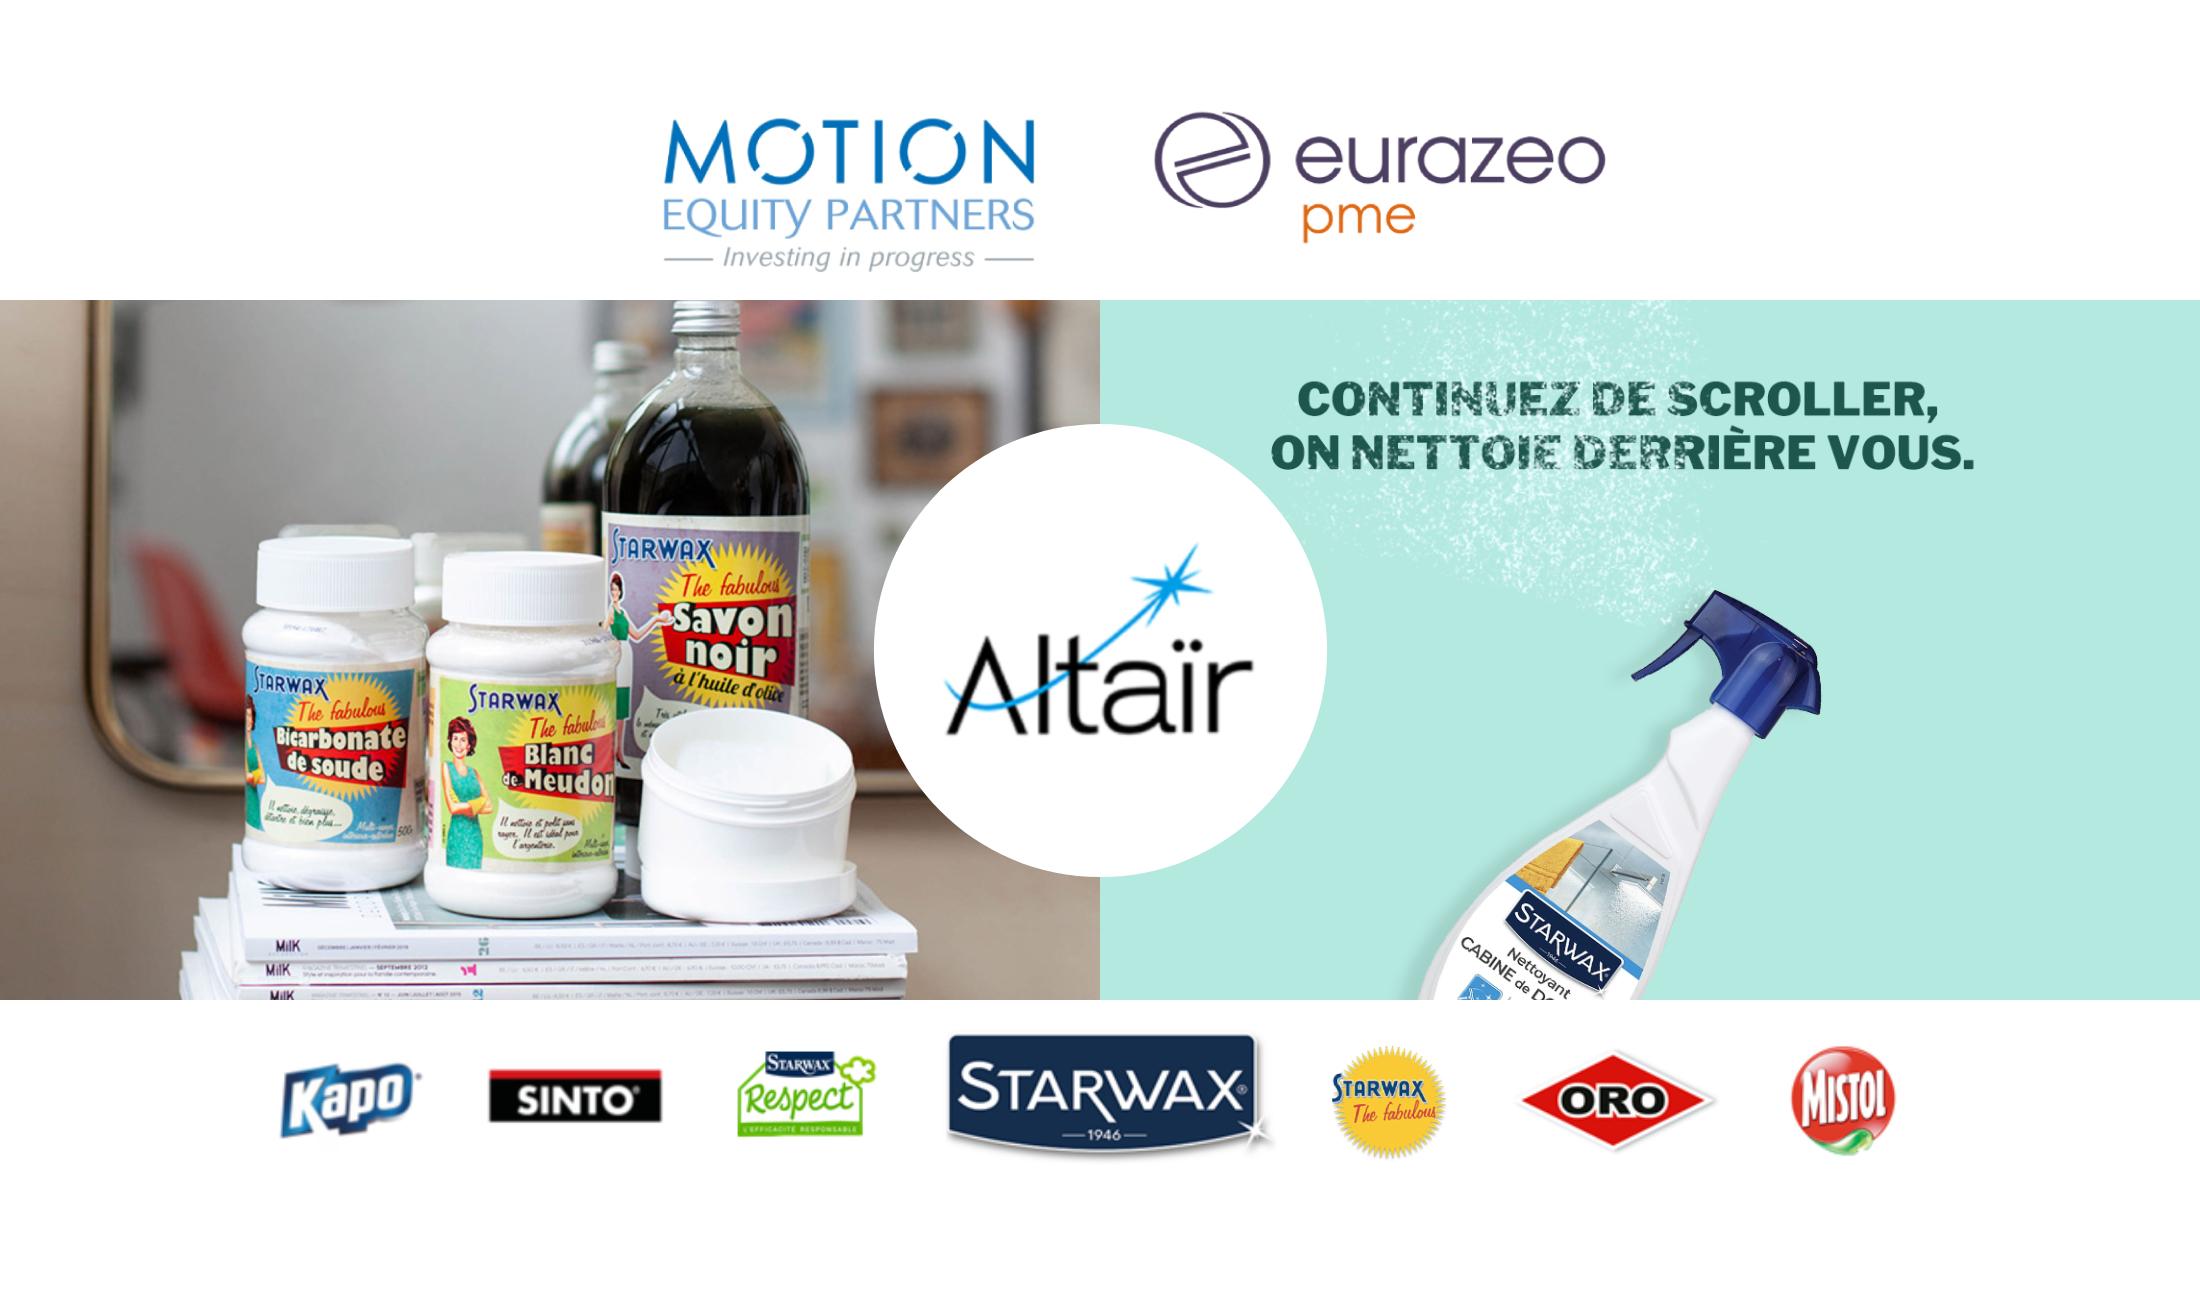 Motion Equity Partners annonce la signature d'un accord d'exclusivité avec Eurazeo PME en vue de la cession de sa participation dans le Groupe Altaïr.